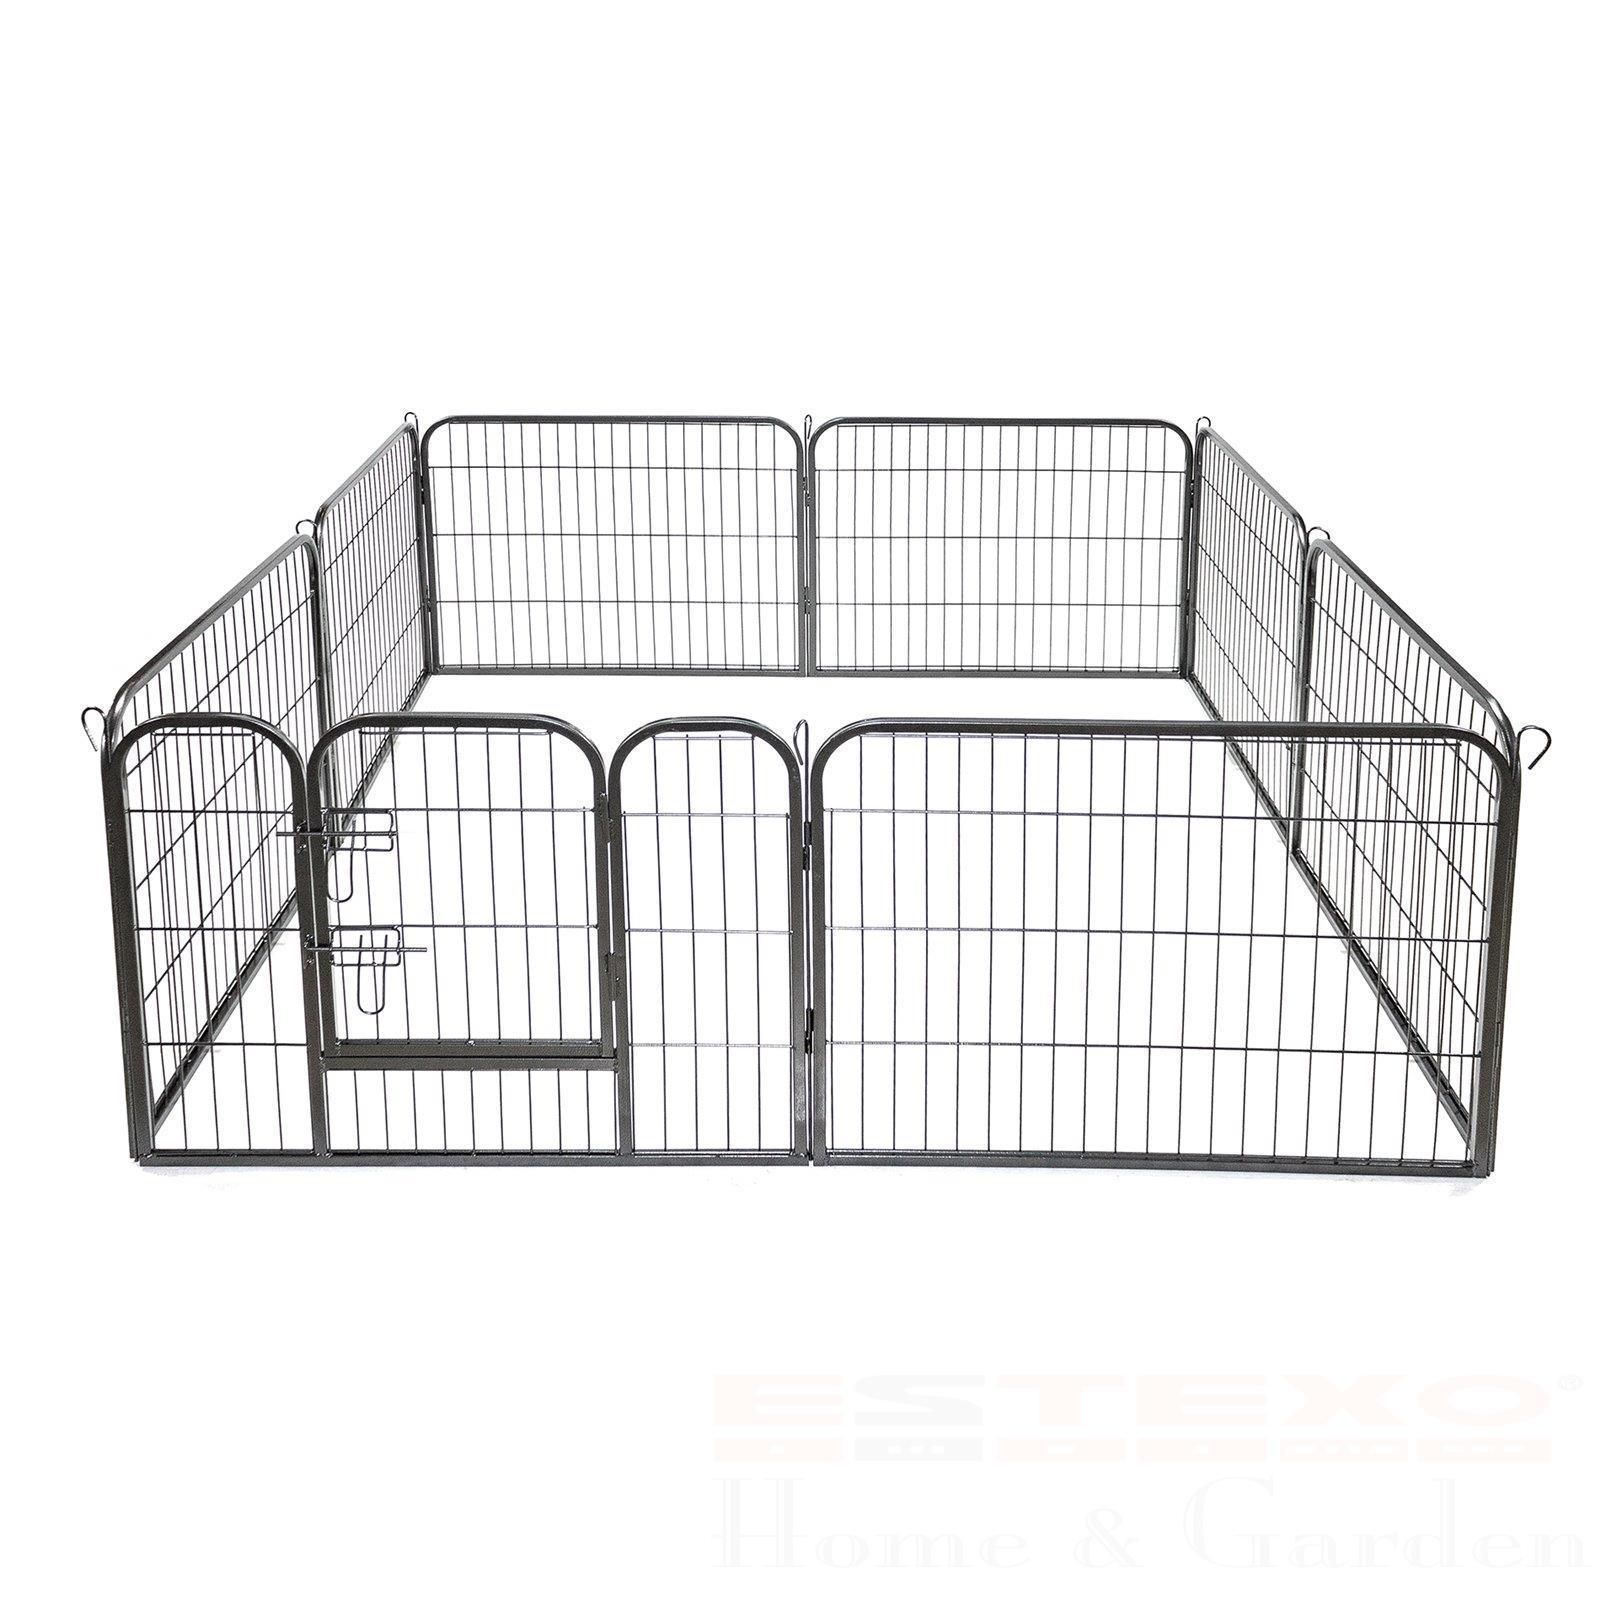 Welpenauslauf 8x 80x100cm Welpenzaun Welpen Freigehege Tierauslauf Hundeauslauf